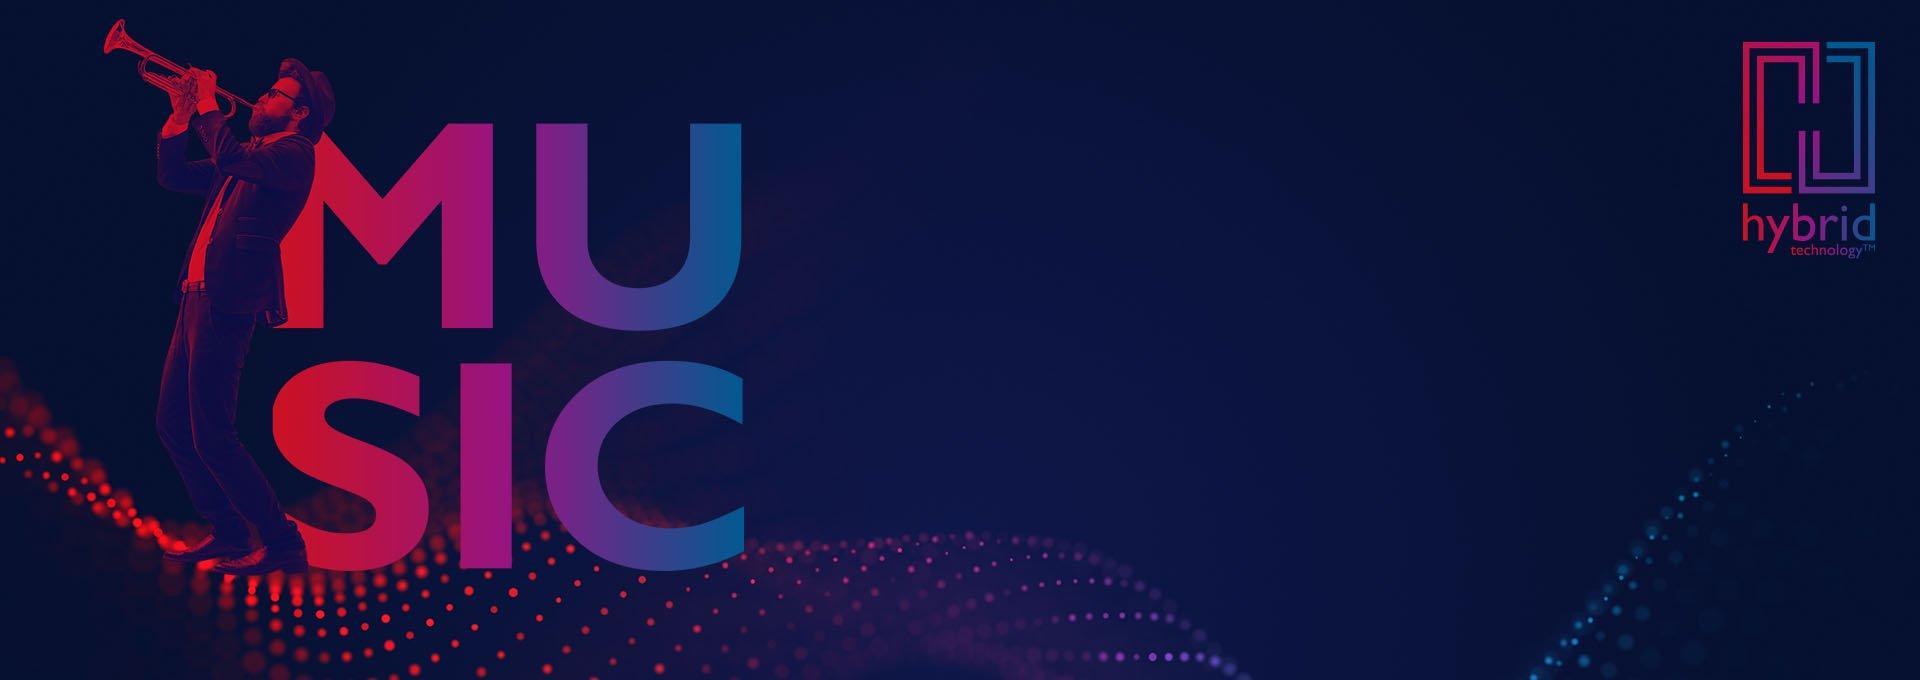 Röd/blå bild av kvinna som dansar bredvid MUSIC block wordmark, Bernafon Alpha's Hybrid Technology -logotyp och en ljudvåg